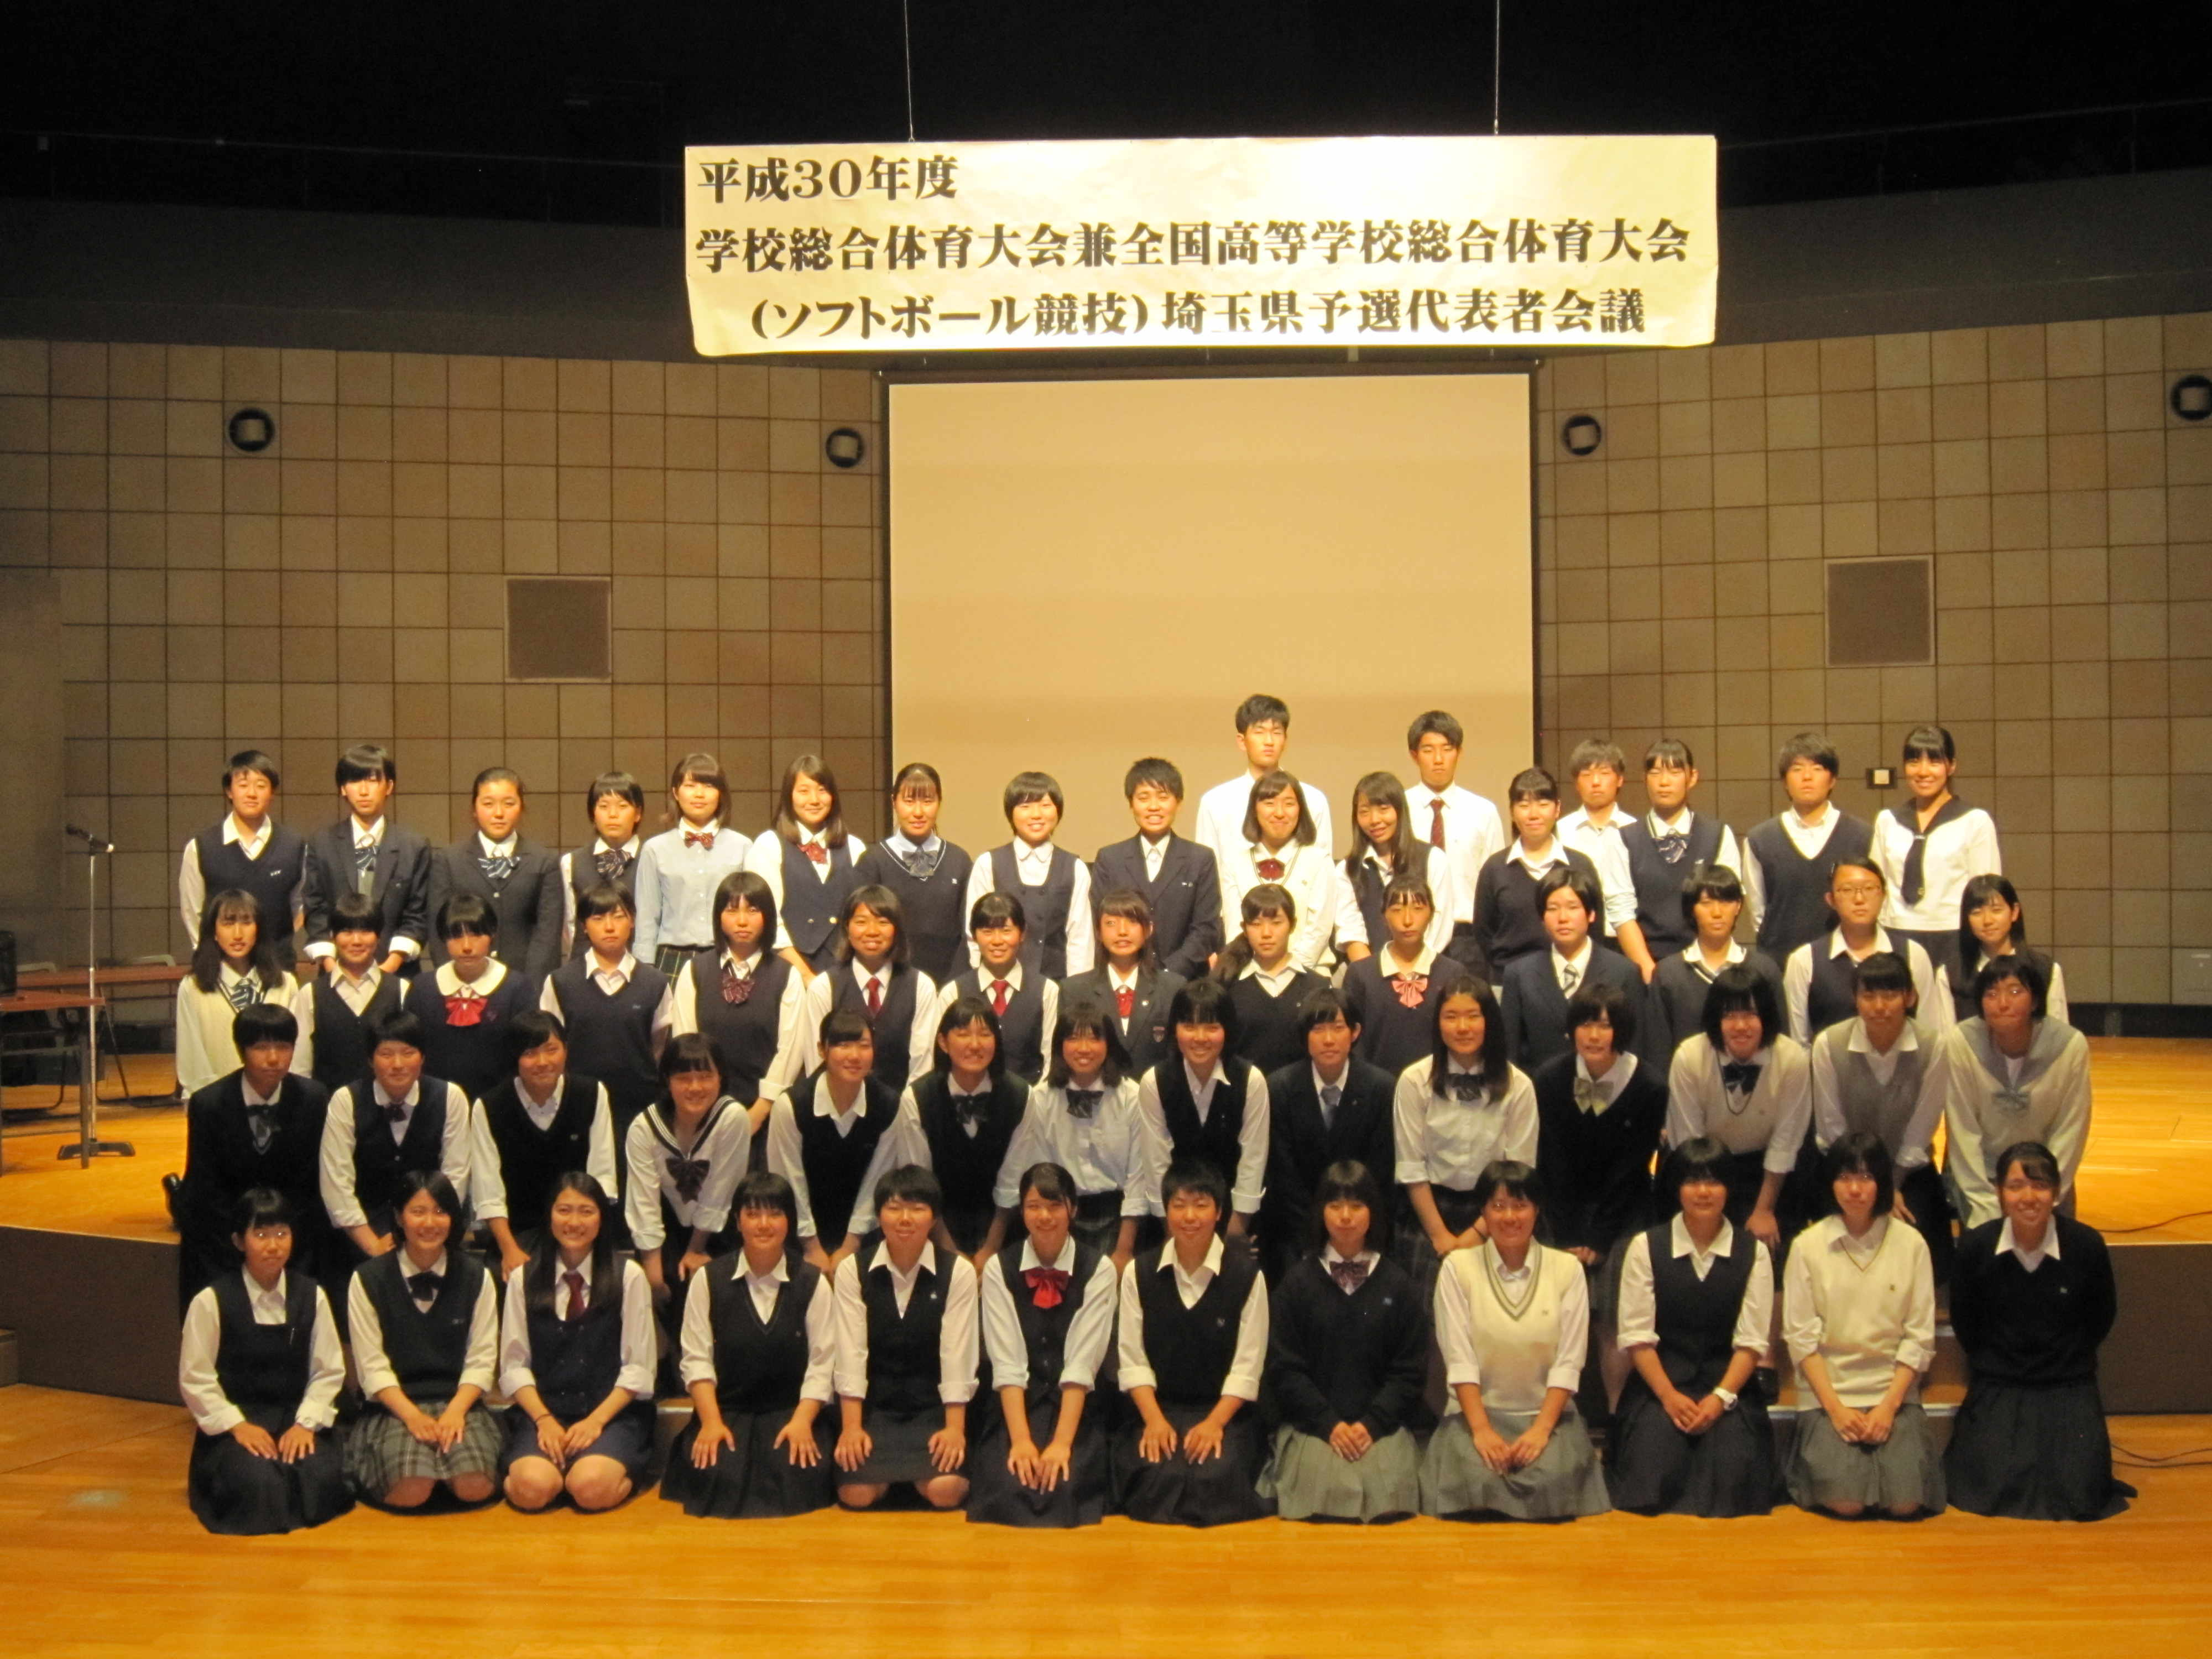 戦 野球 県 新人 埼玉 高校